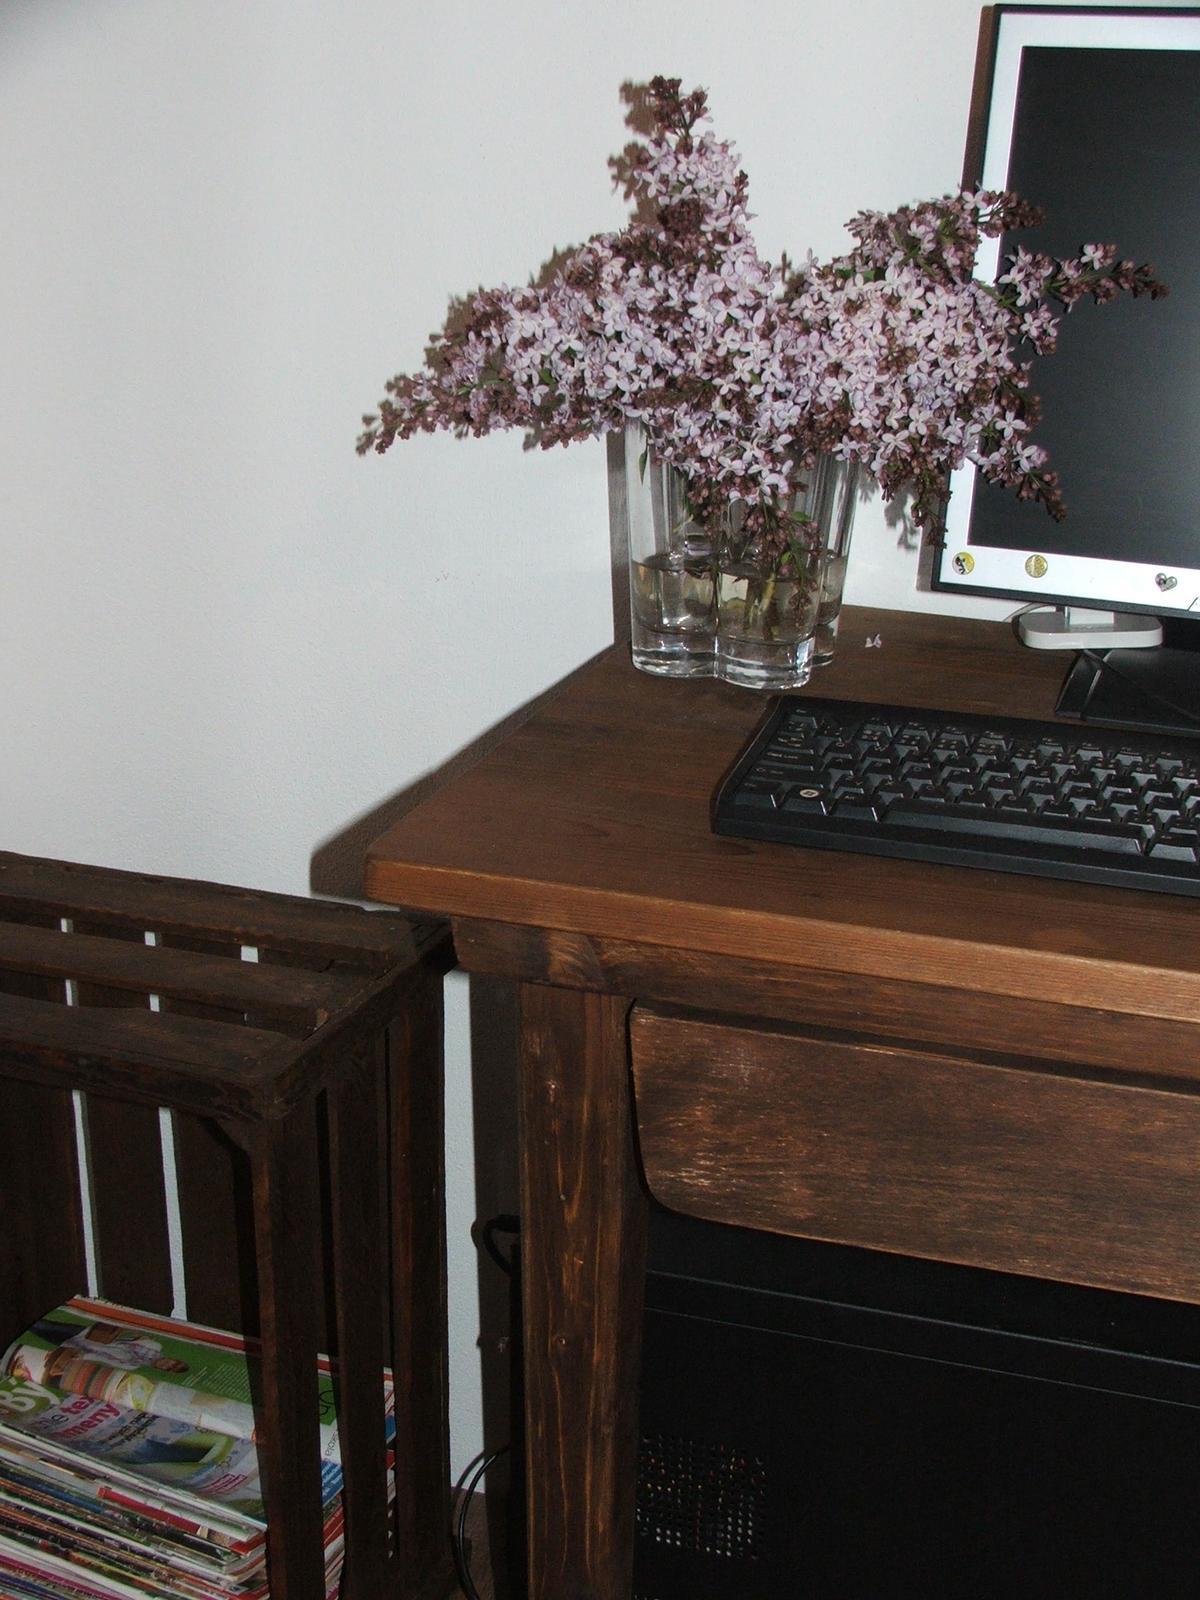 Domov - pomaličky to pribúda....bednička na noviny, zrepasovaný stôl....vedľa stola pôjde moja vytúžená trojmetrová lavica. Už sa na nej pracuje... teším sa :)